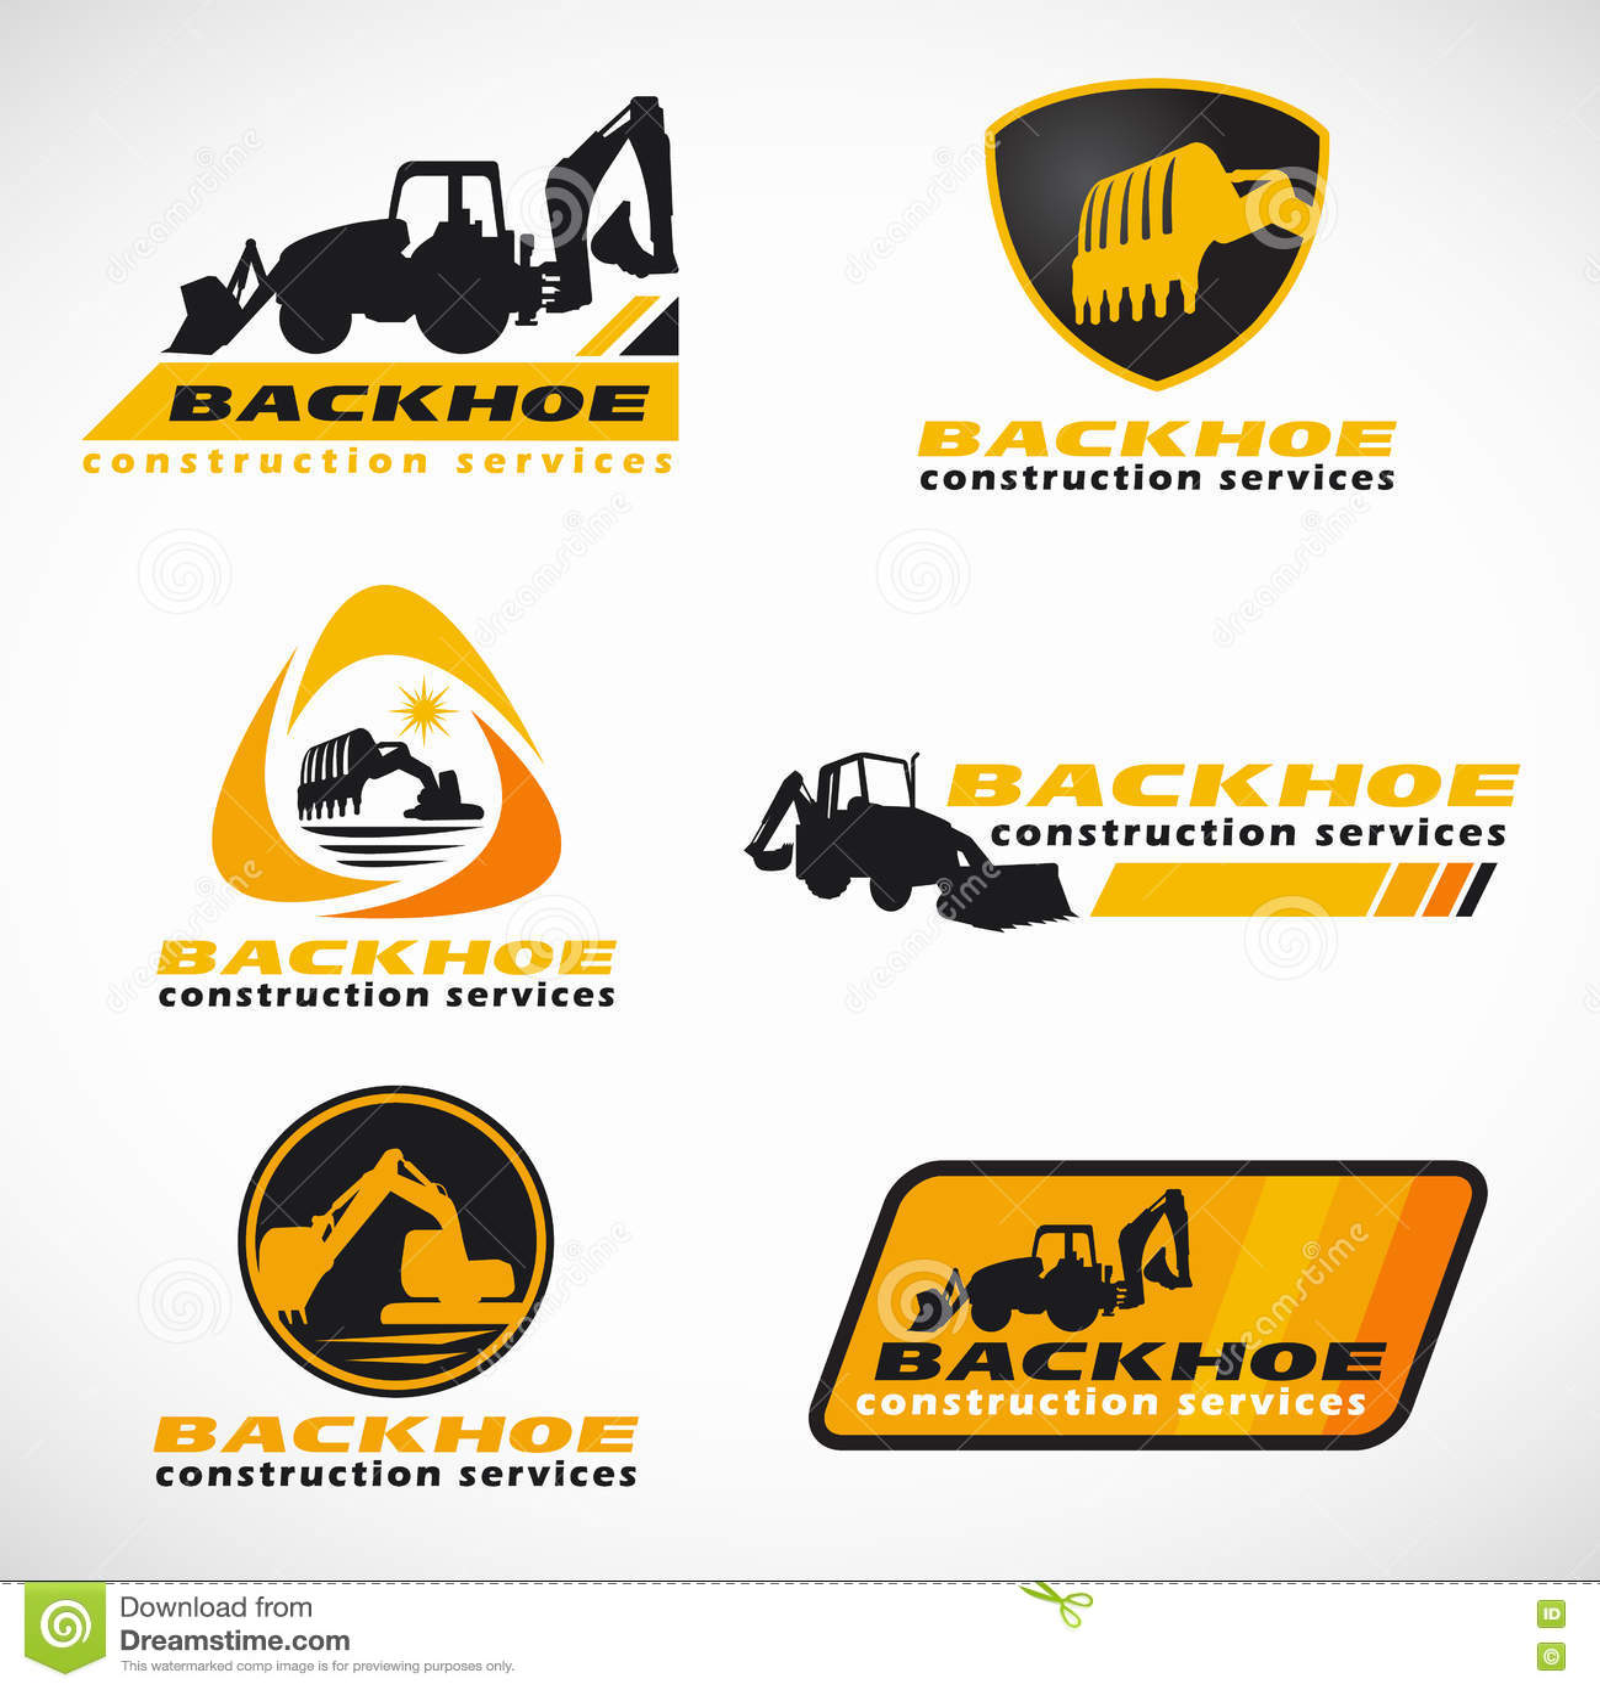 Дизайн желтого и черного вектора логотипа обслуживания конструкции Backhoe установленный